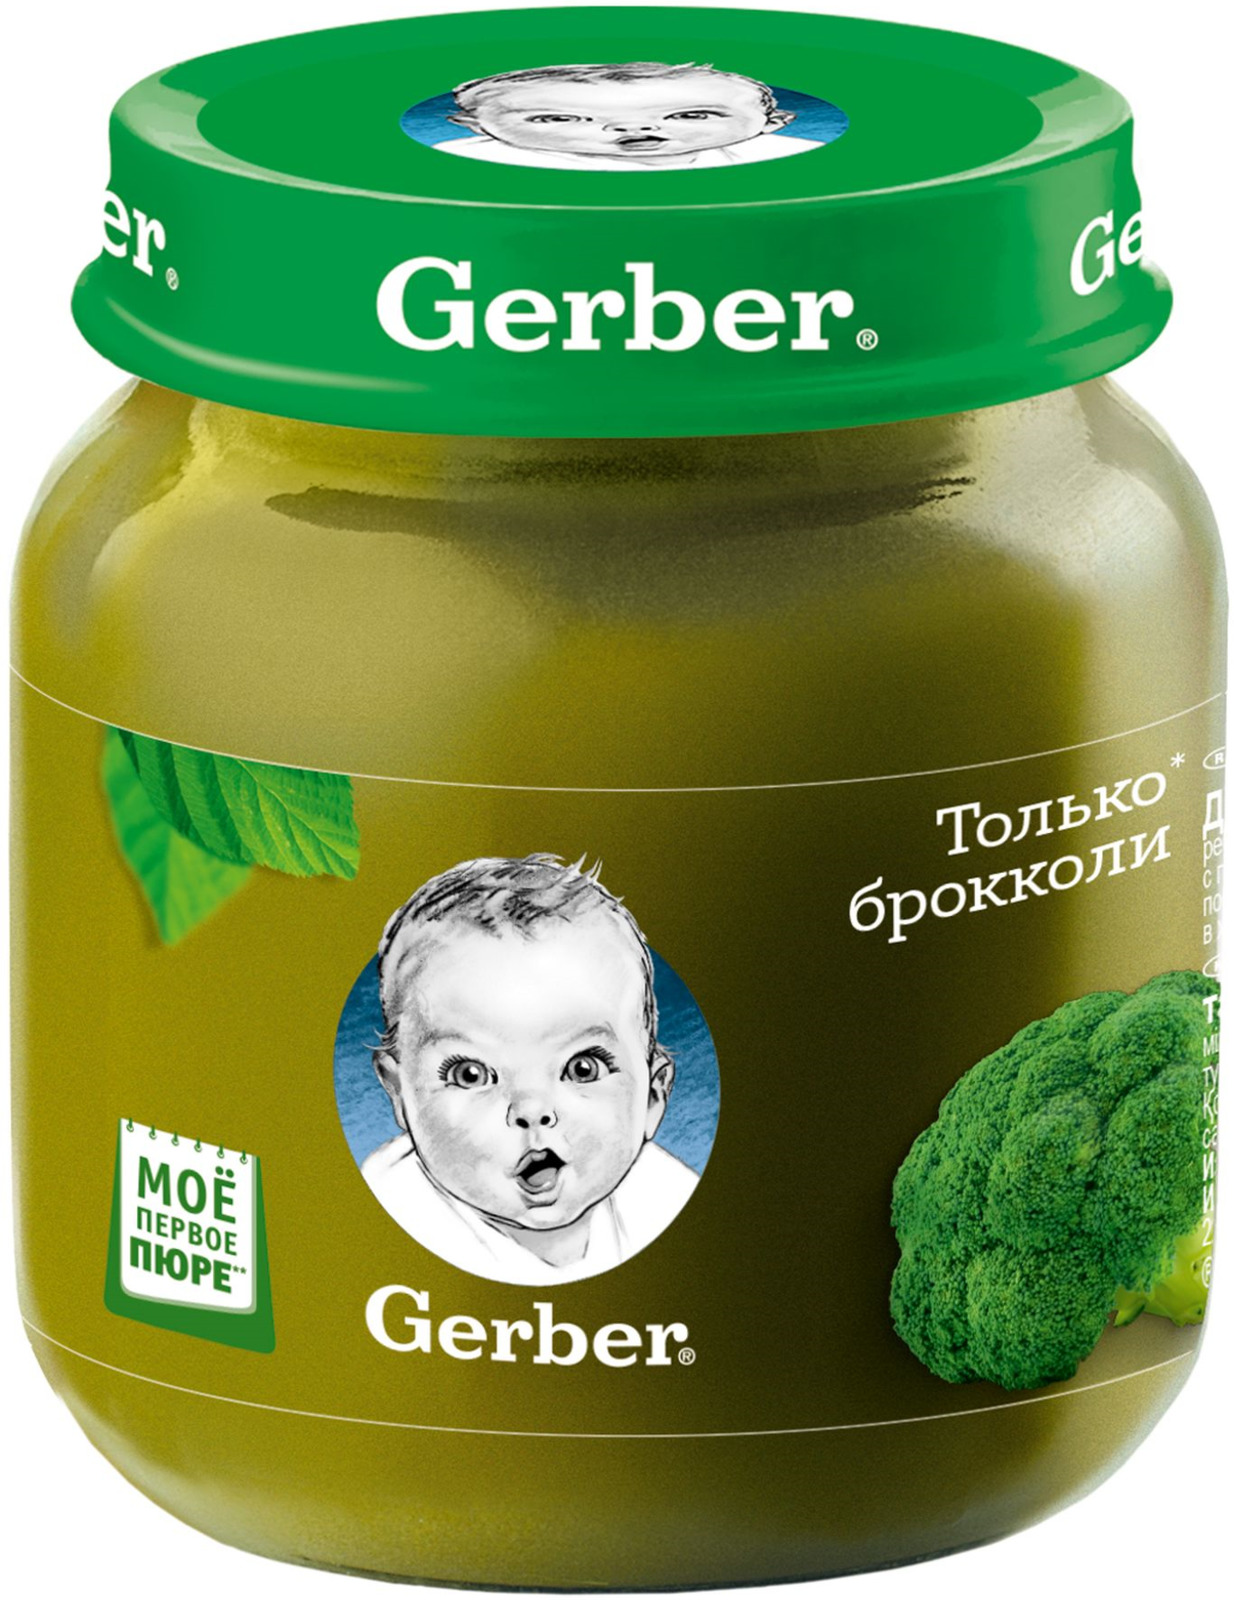 Gerber пюре брокколи, 130 г gerber пюре картофель кабачок 130 г